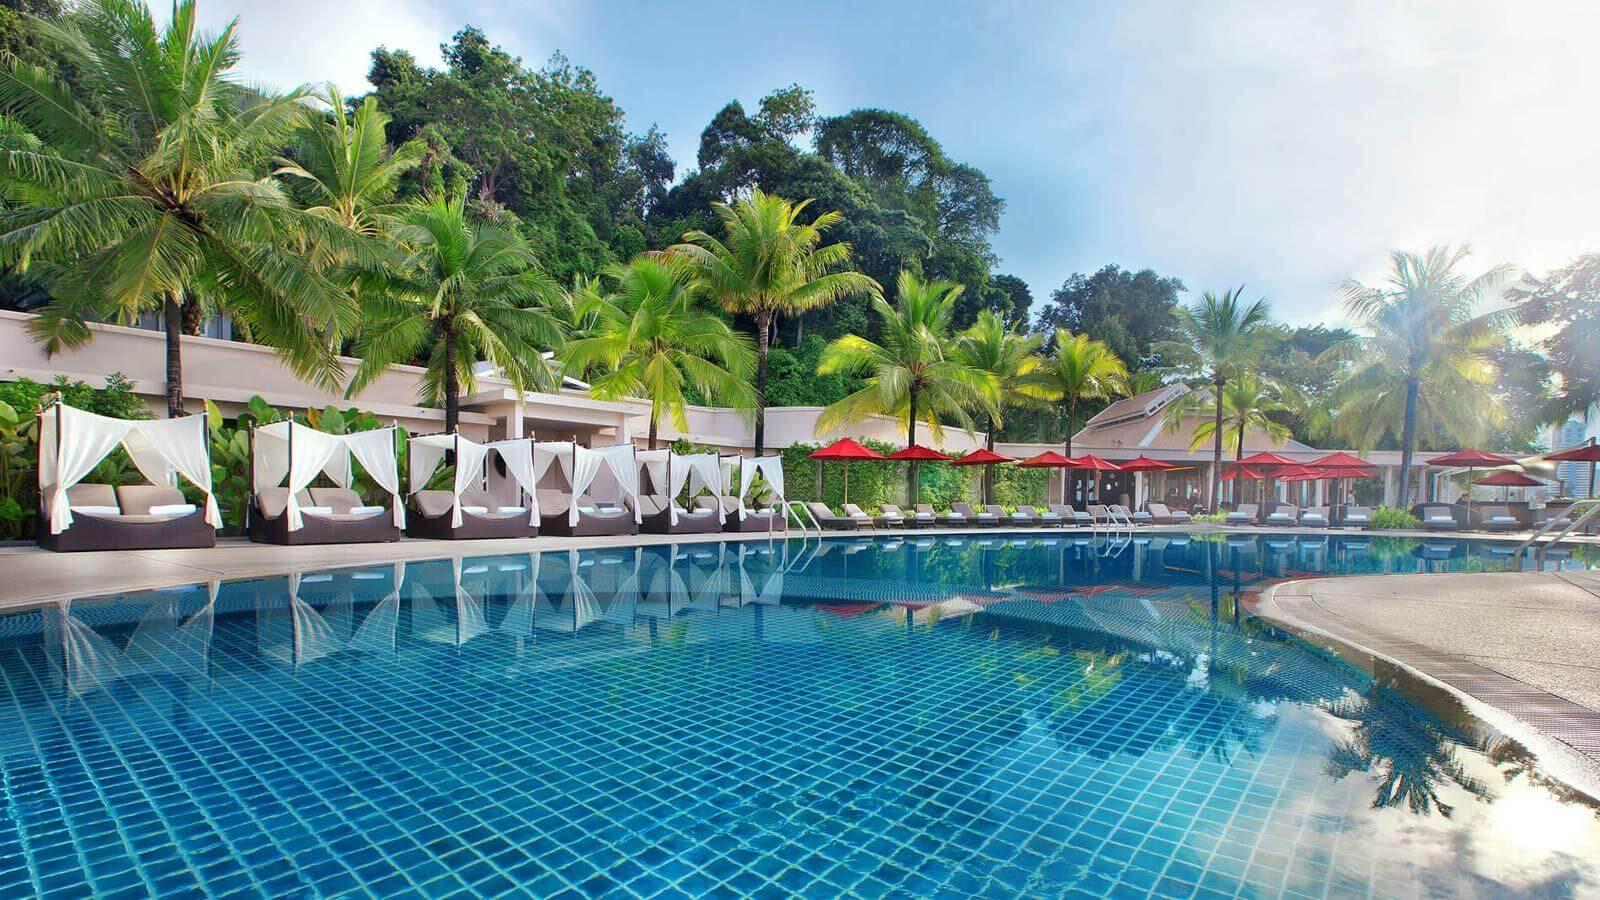 фото бассейна в отеле Amari Phuket